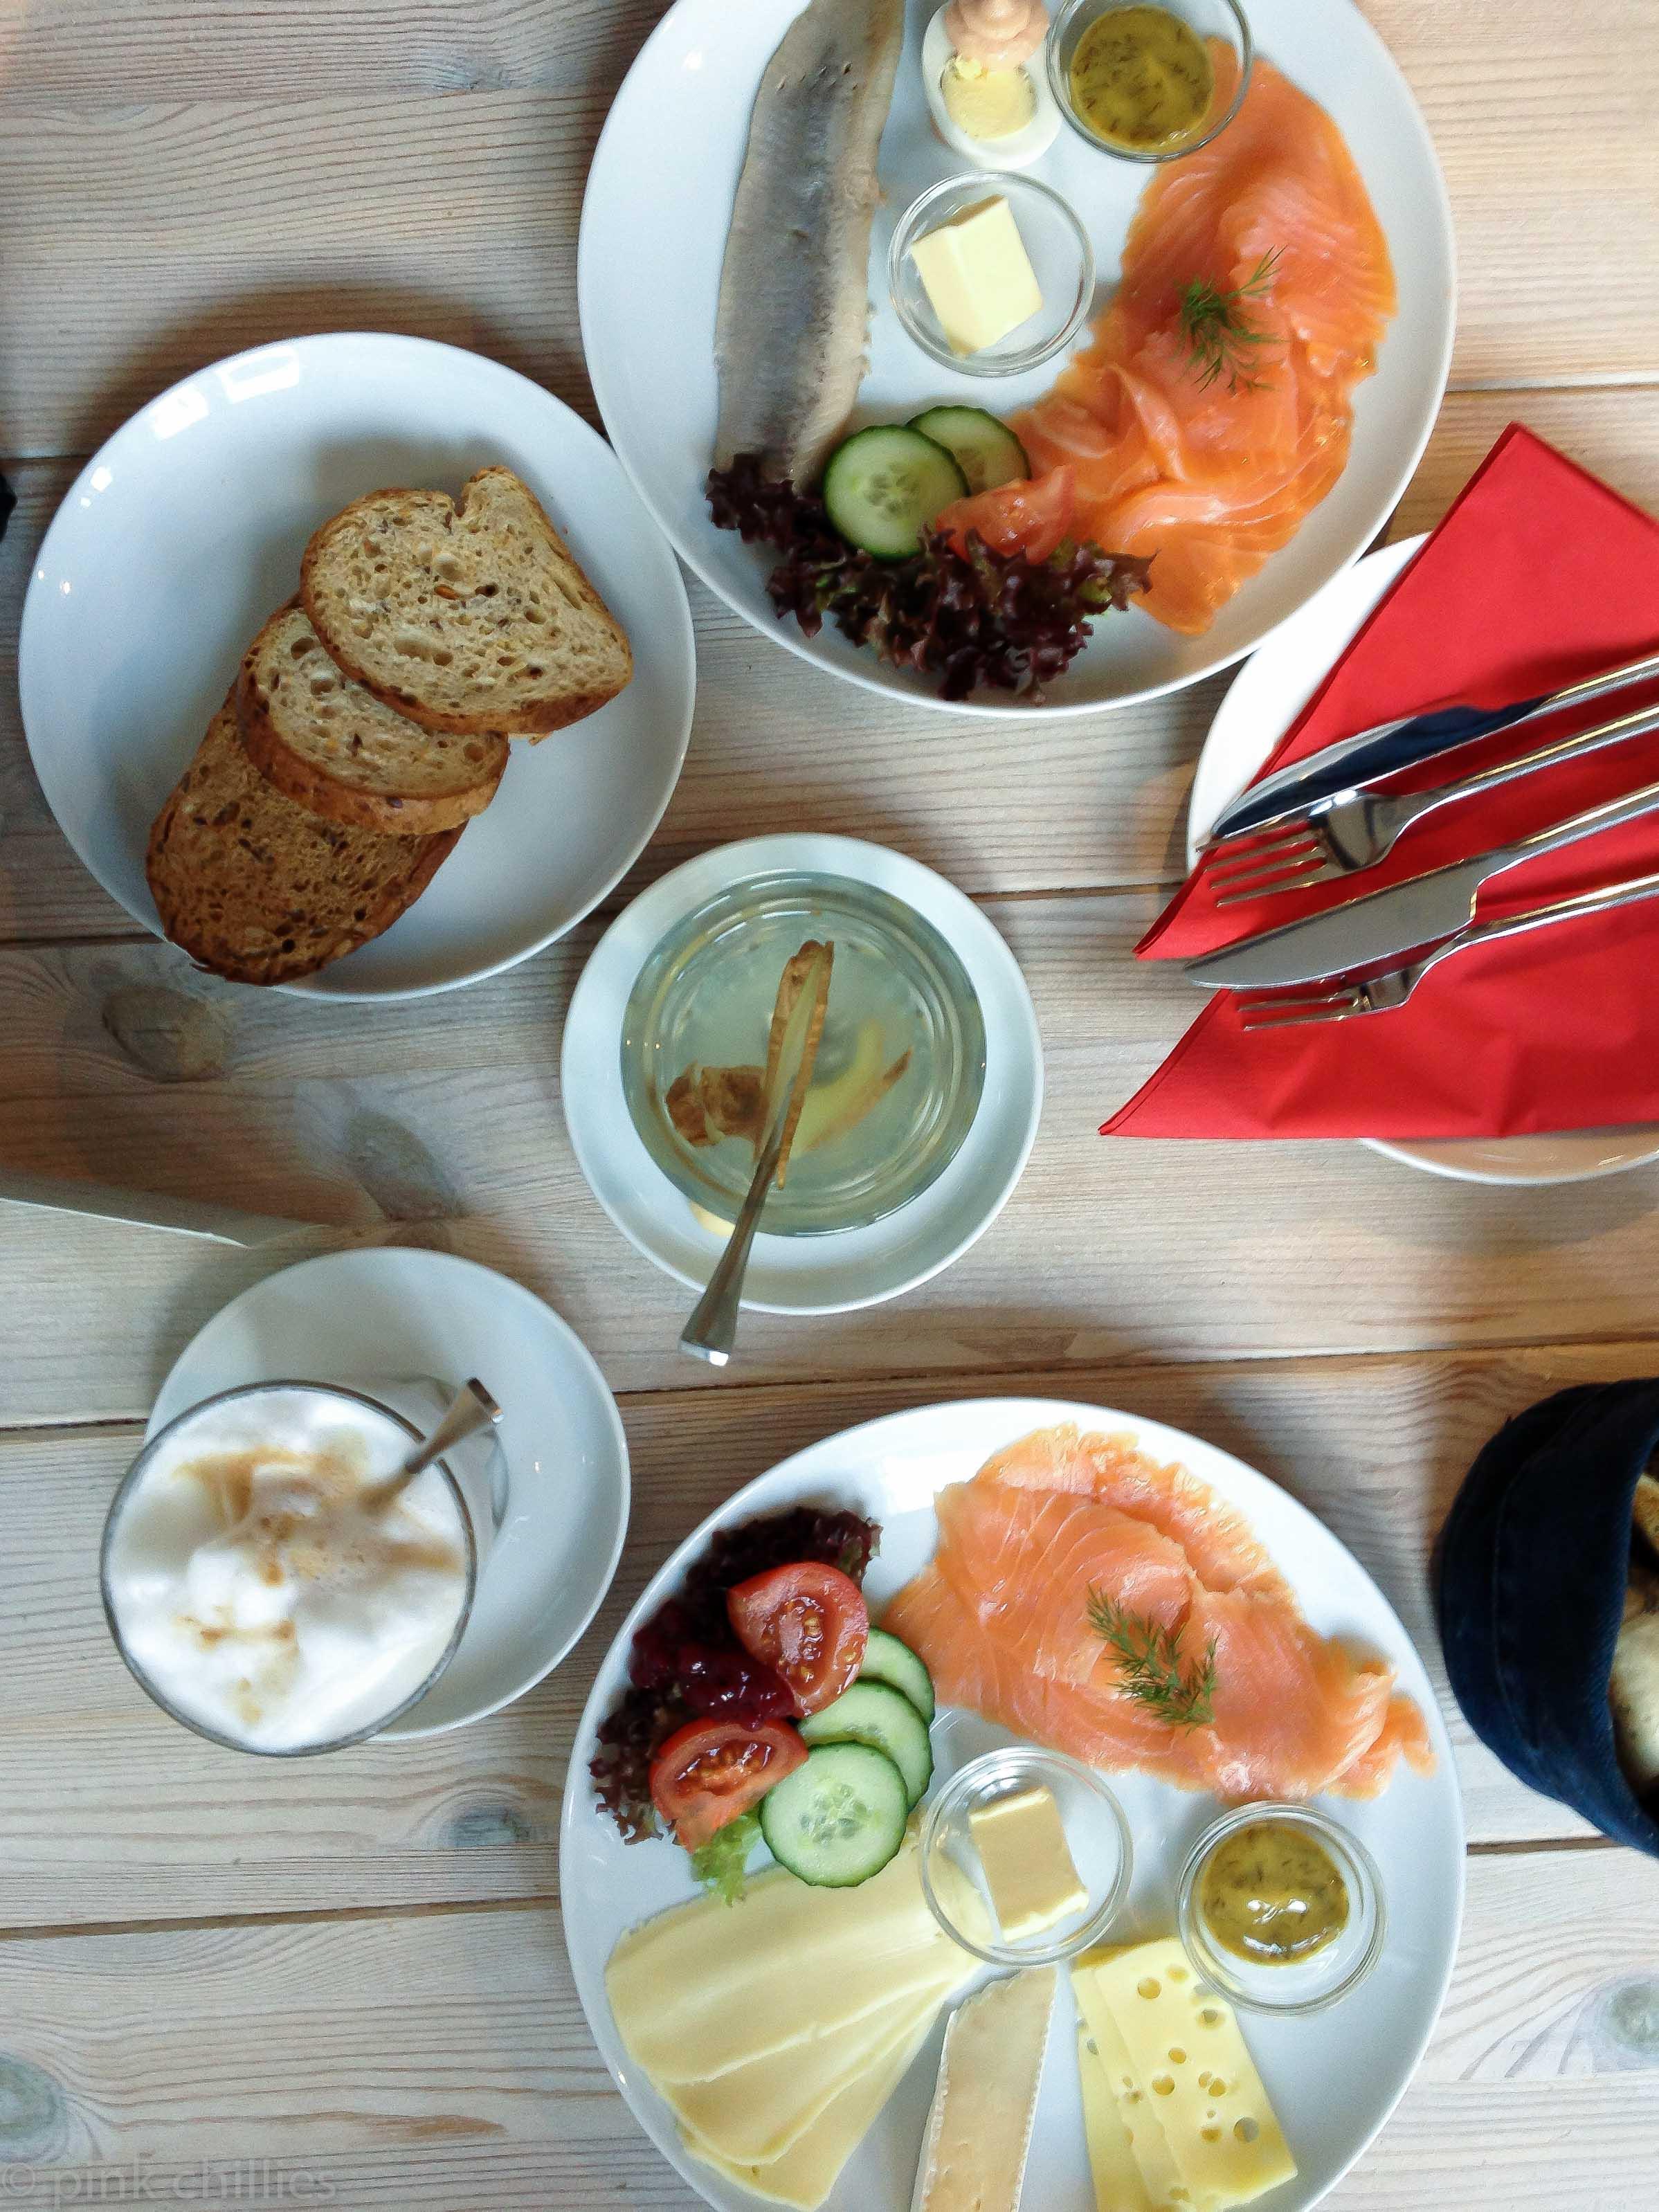 Frühstück im Café Saltkrakan